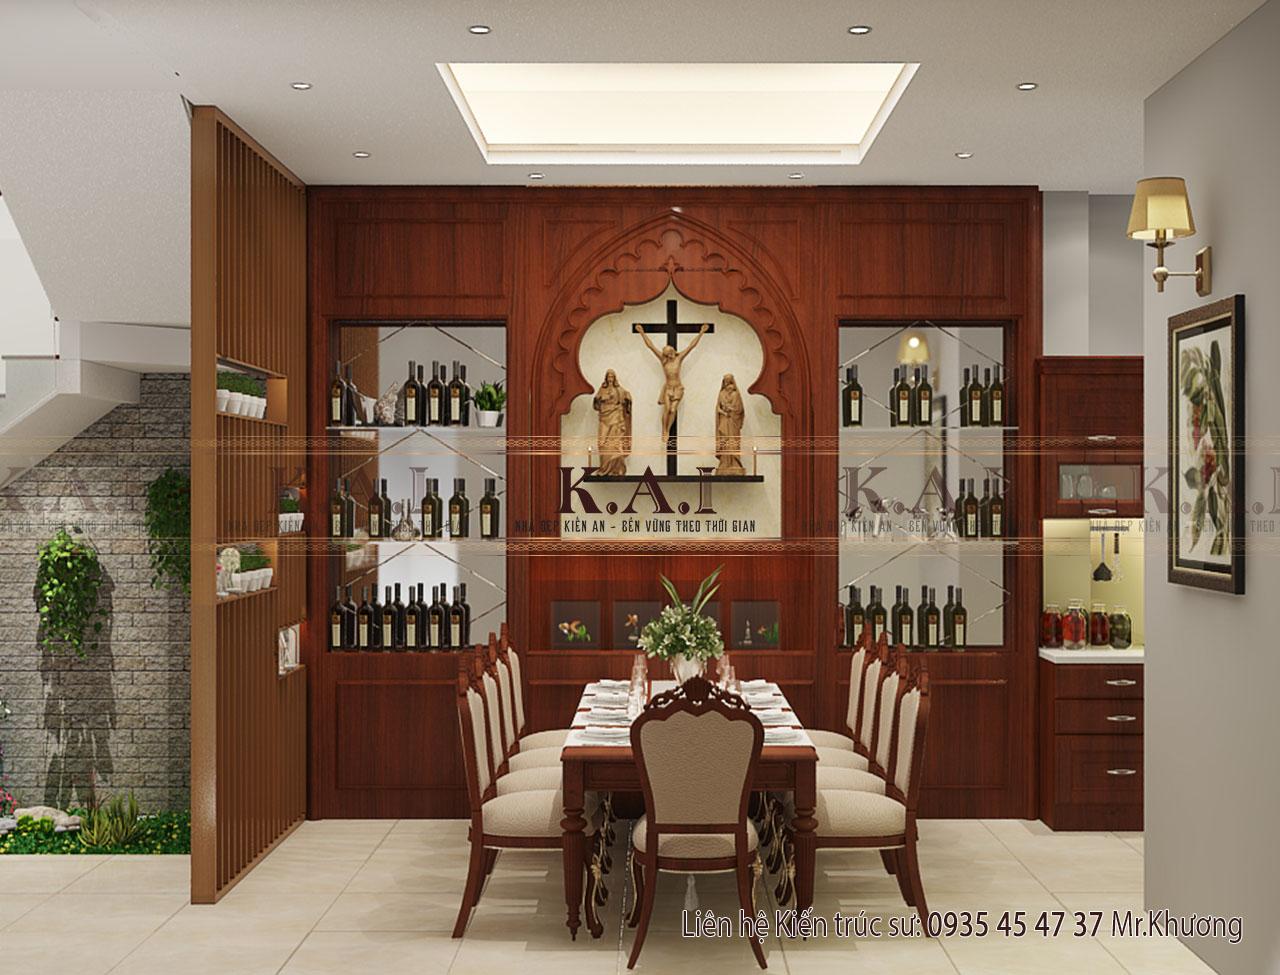 Thiết kế nội thất phòng bếp – ăn nhà ở kết hợp kinh doanh